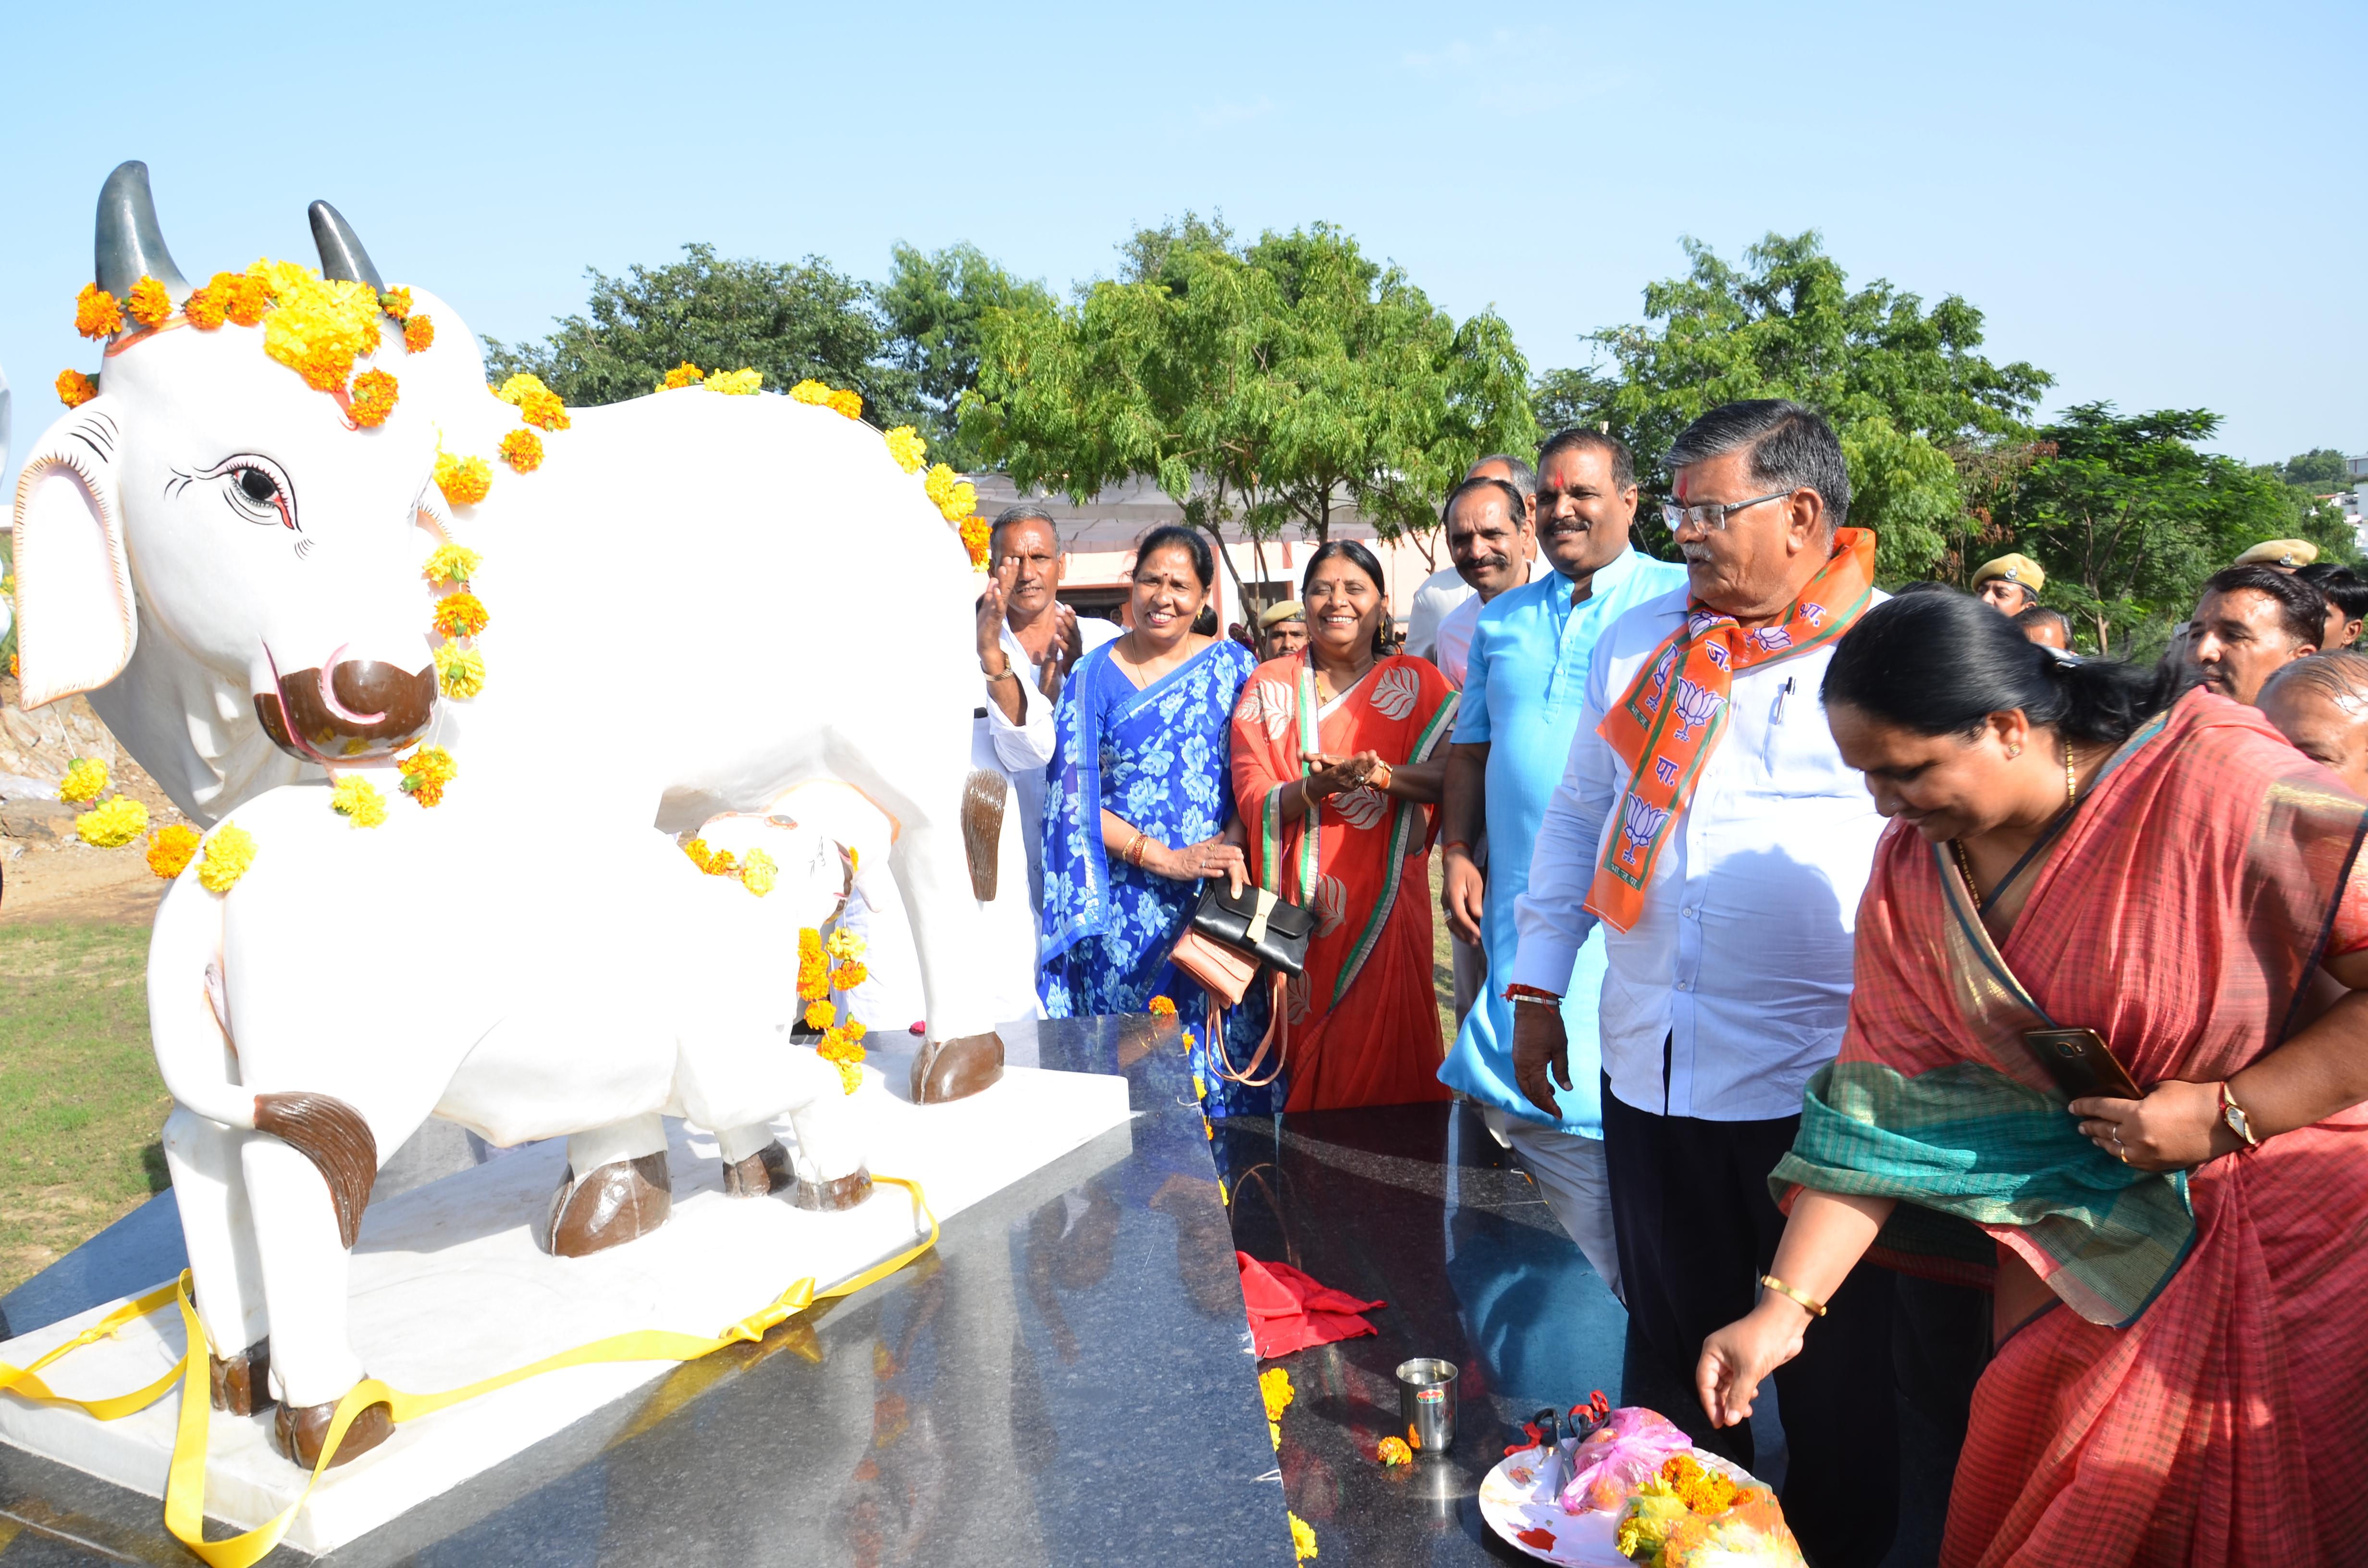 उदयपुर सरस डेयरी में गौमाता प्रतिमा का अनावरण,  डेयरी संघ का अनूठा  प्रयास